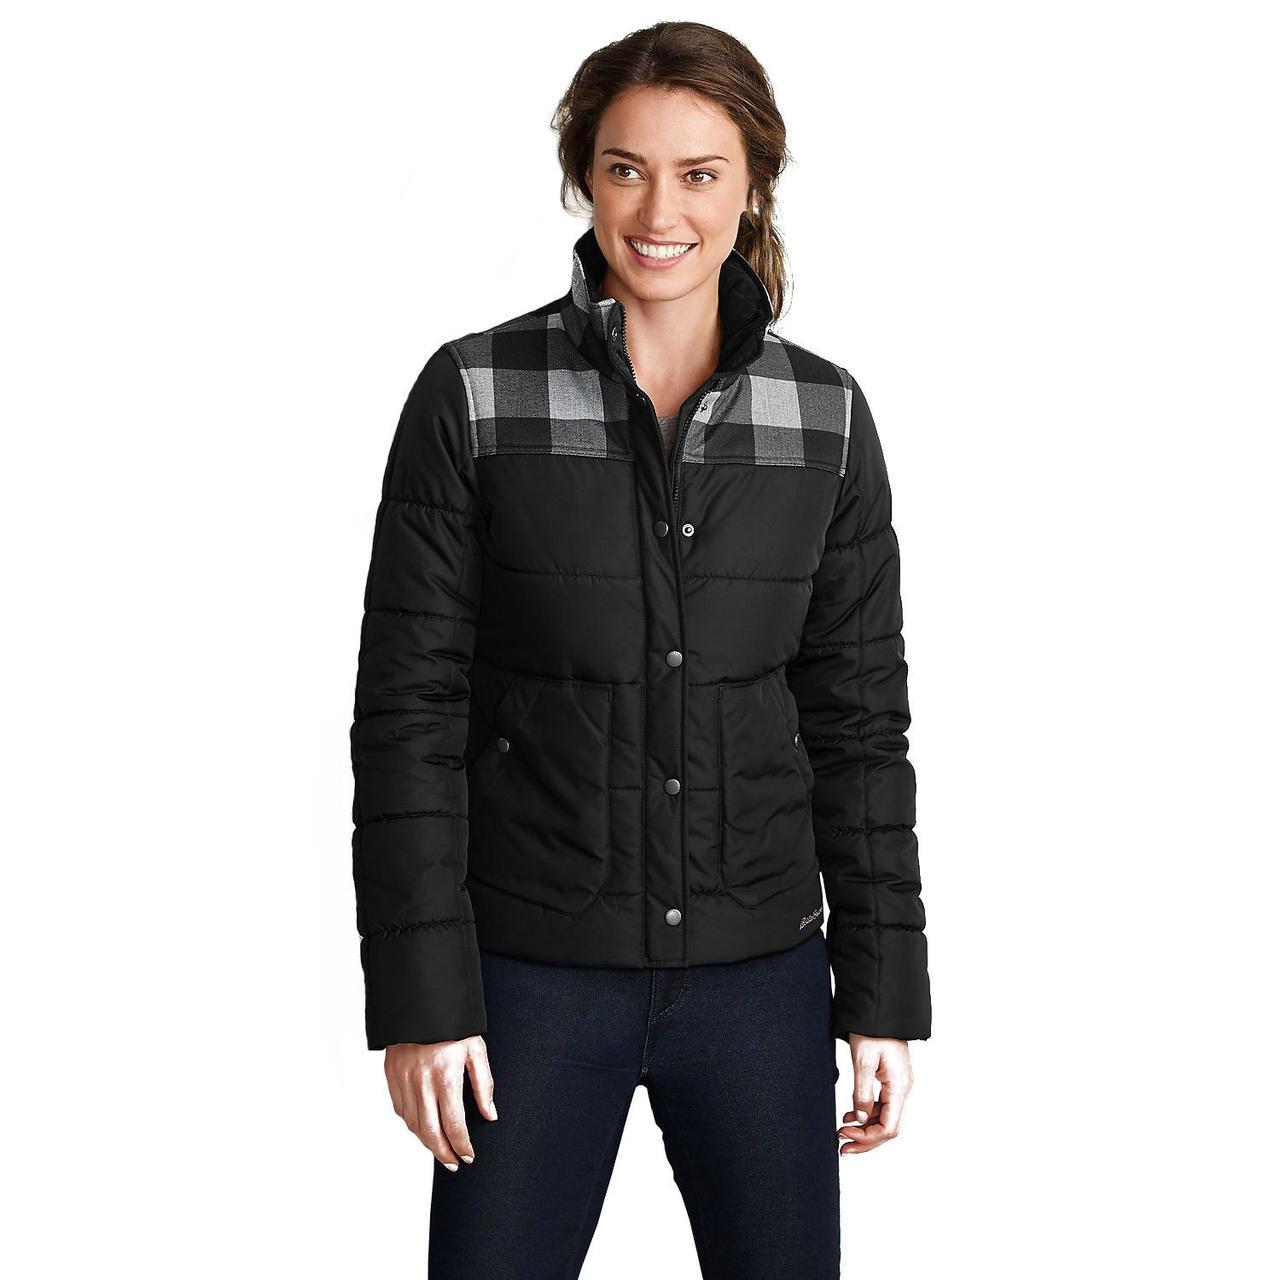 Куртка Eddie Bauer Womens Boyfriend Jacket BLACK (S)